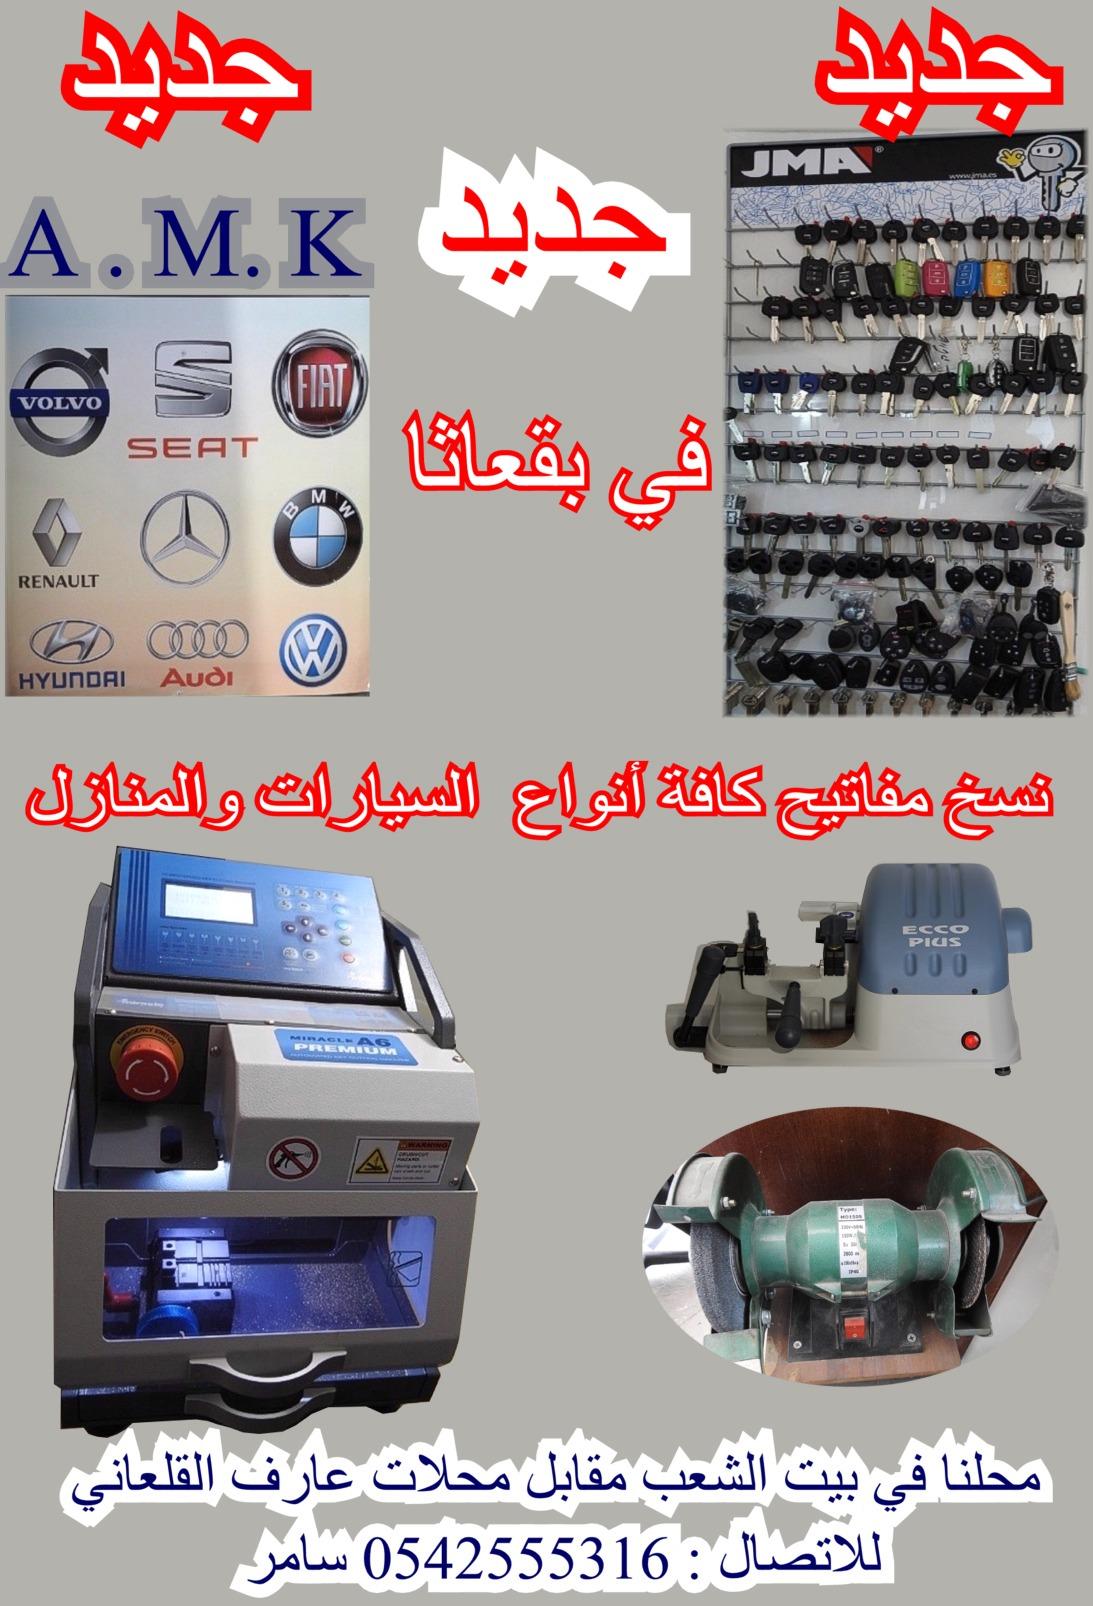 Photo of إعلان : إفتتاح محل لنسخ مفاتيح السيارات والبيوت في بقعاثا